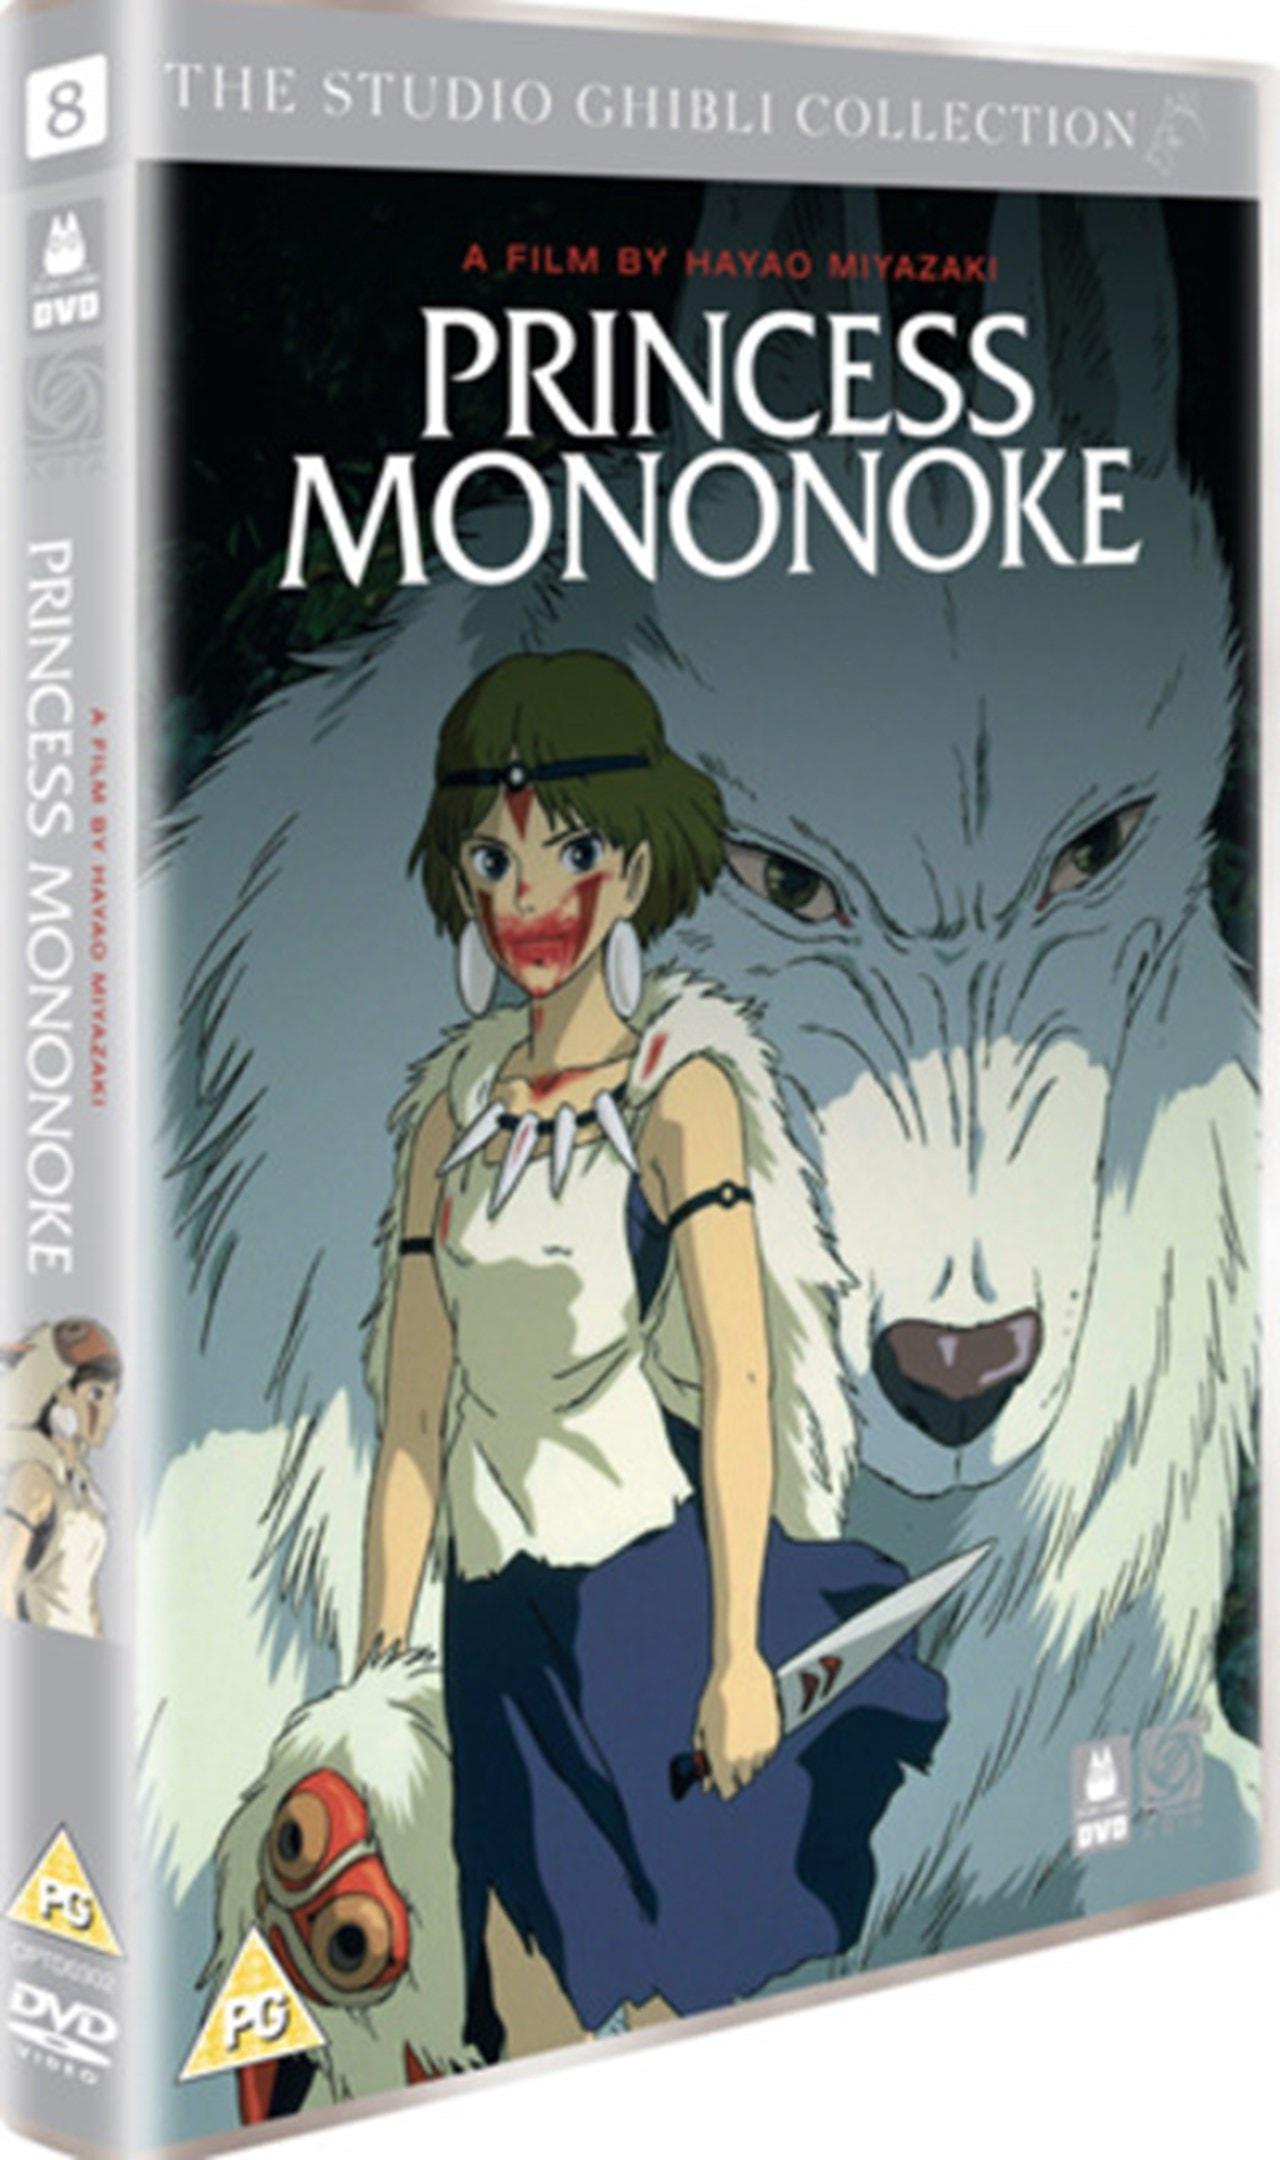 Princess Mononoke - 1